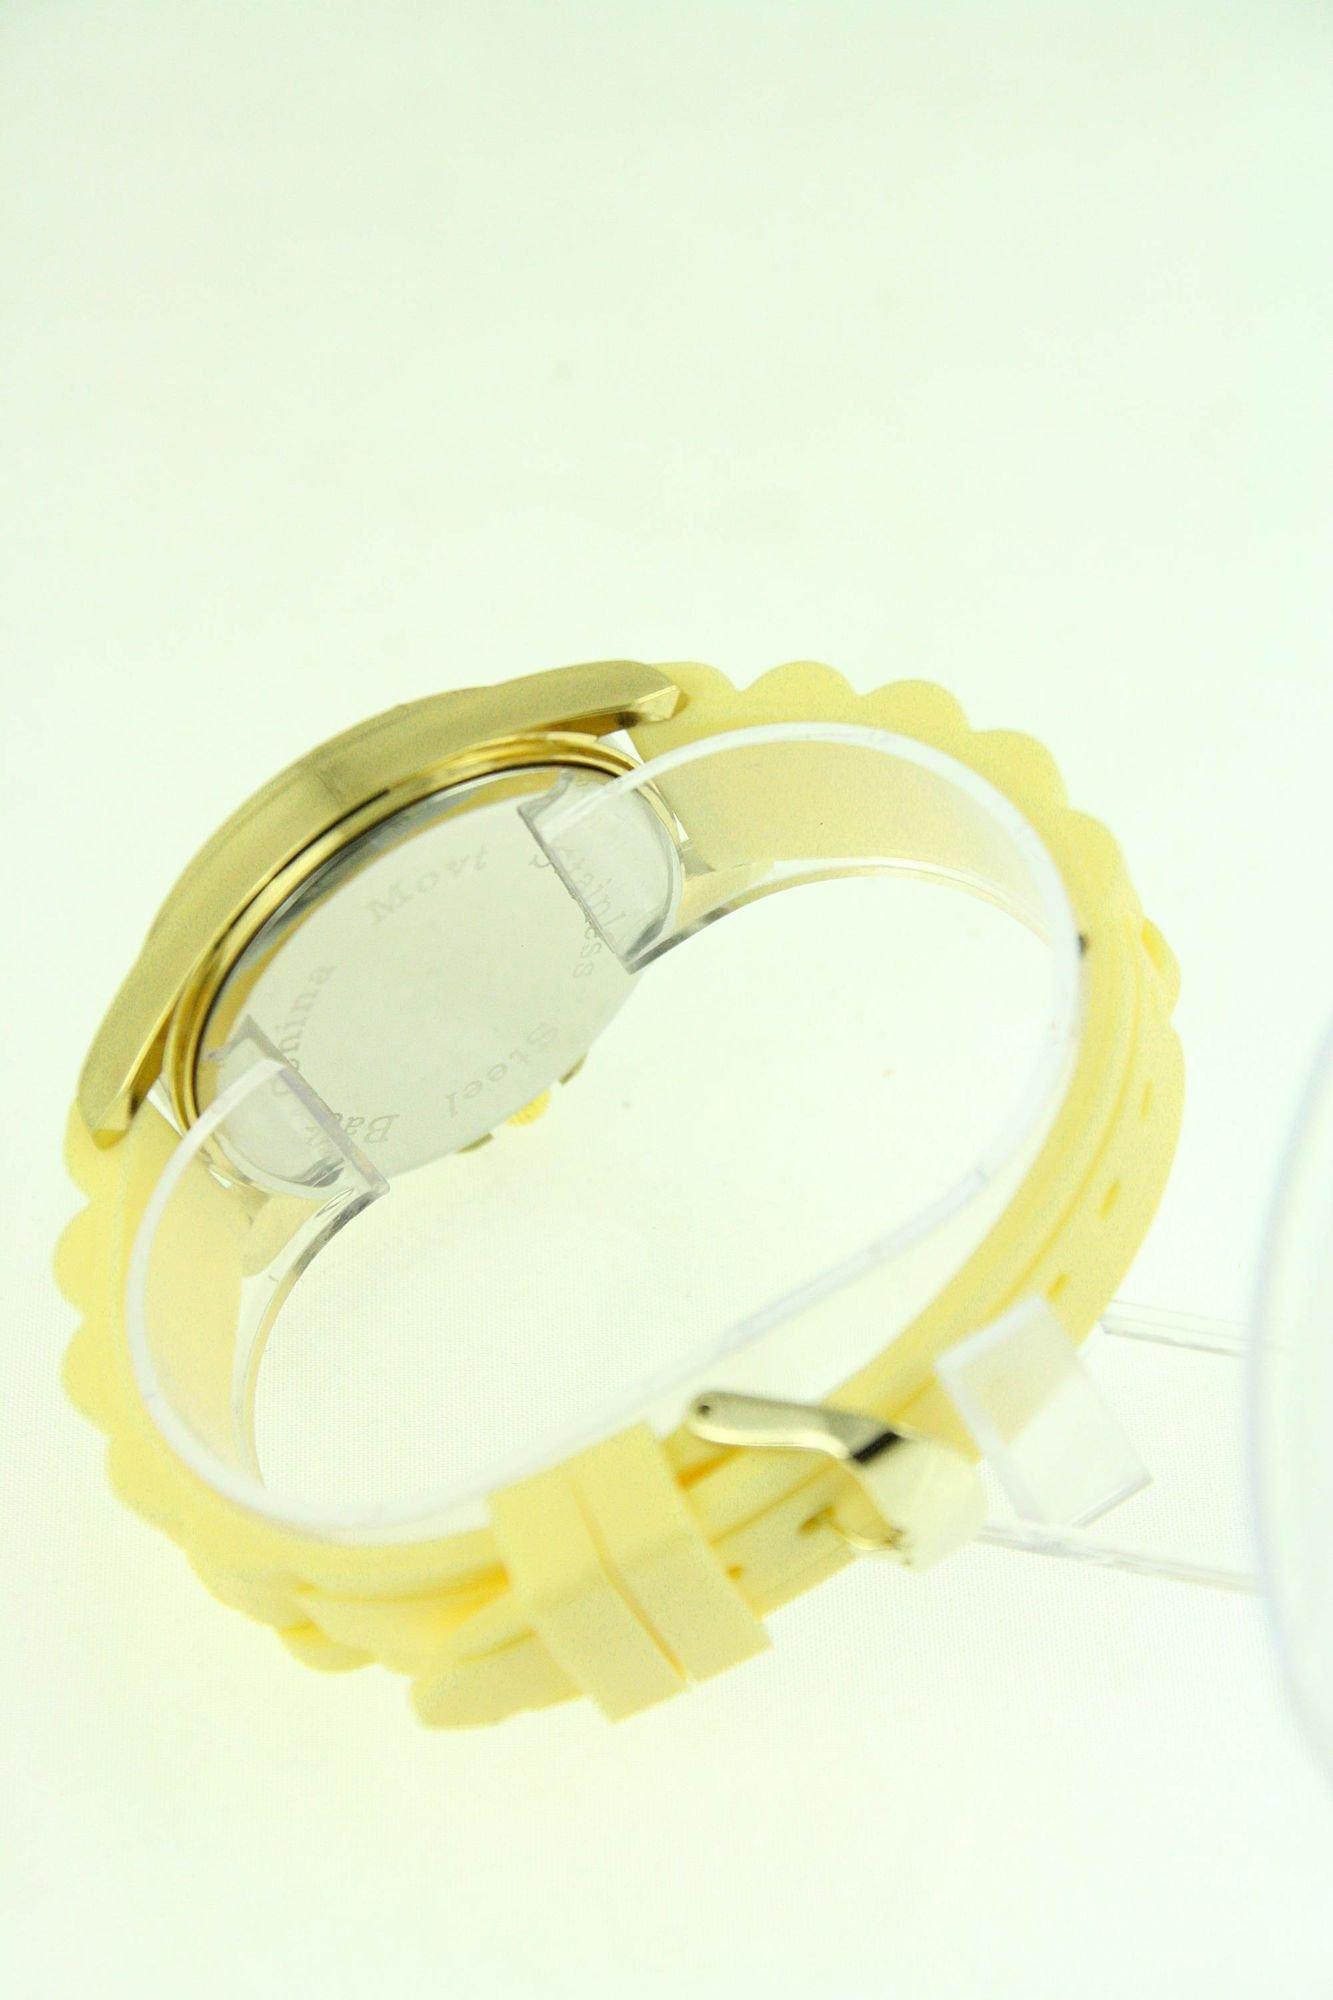 GENEVA Morelowy zegarek damski z cyrkoniami na silikonowym pasku                                  zdj.                                  3